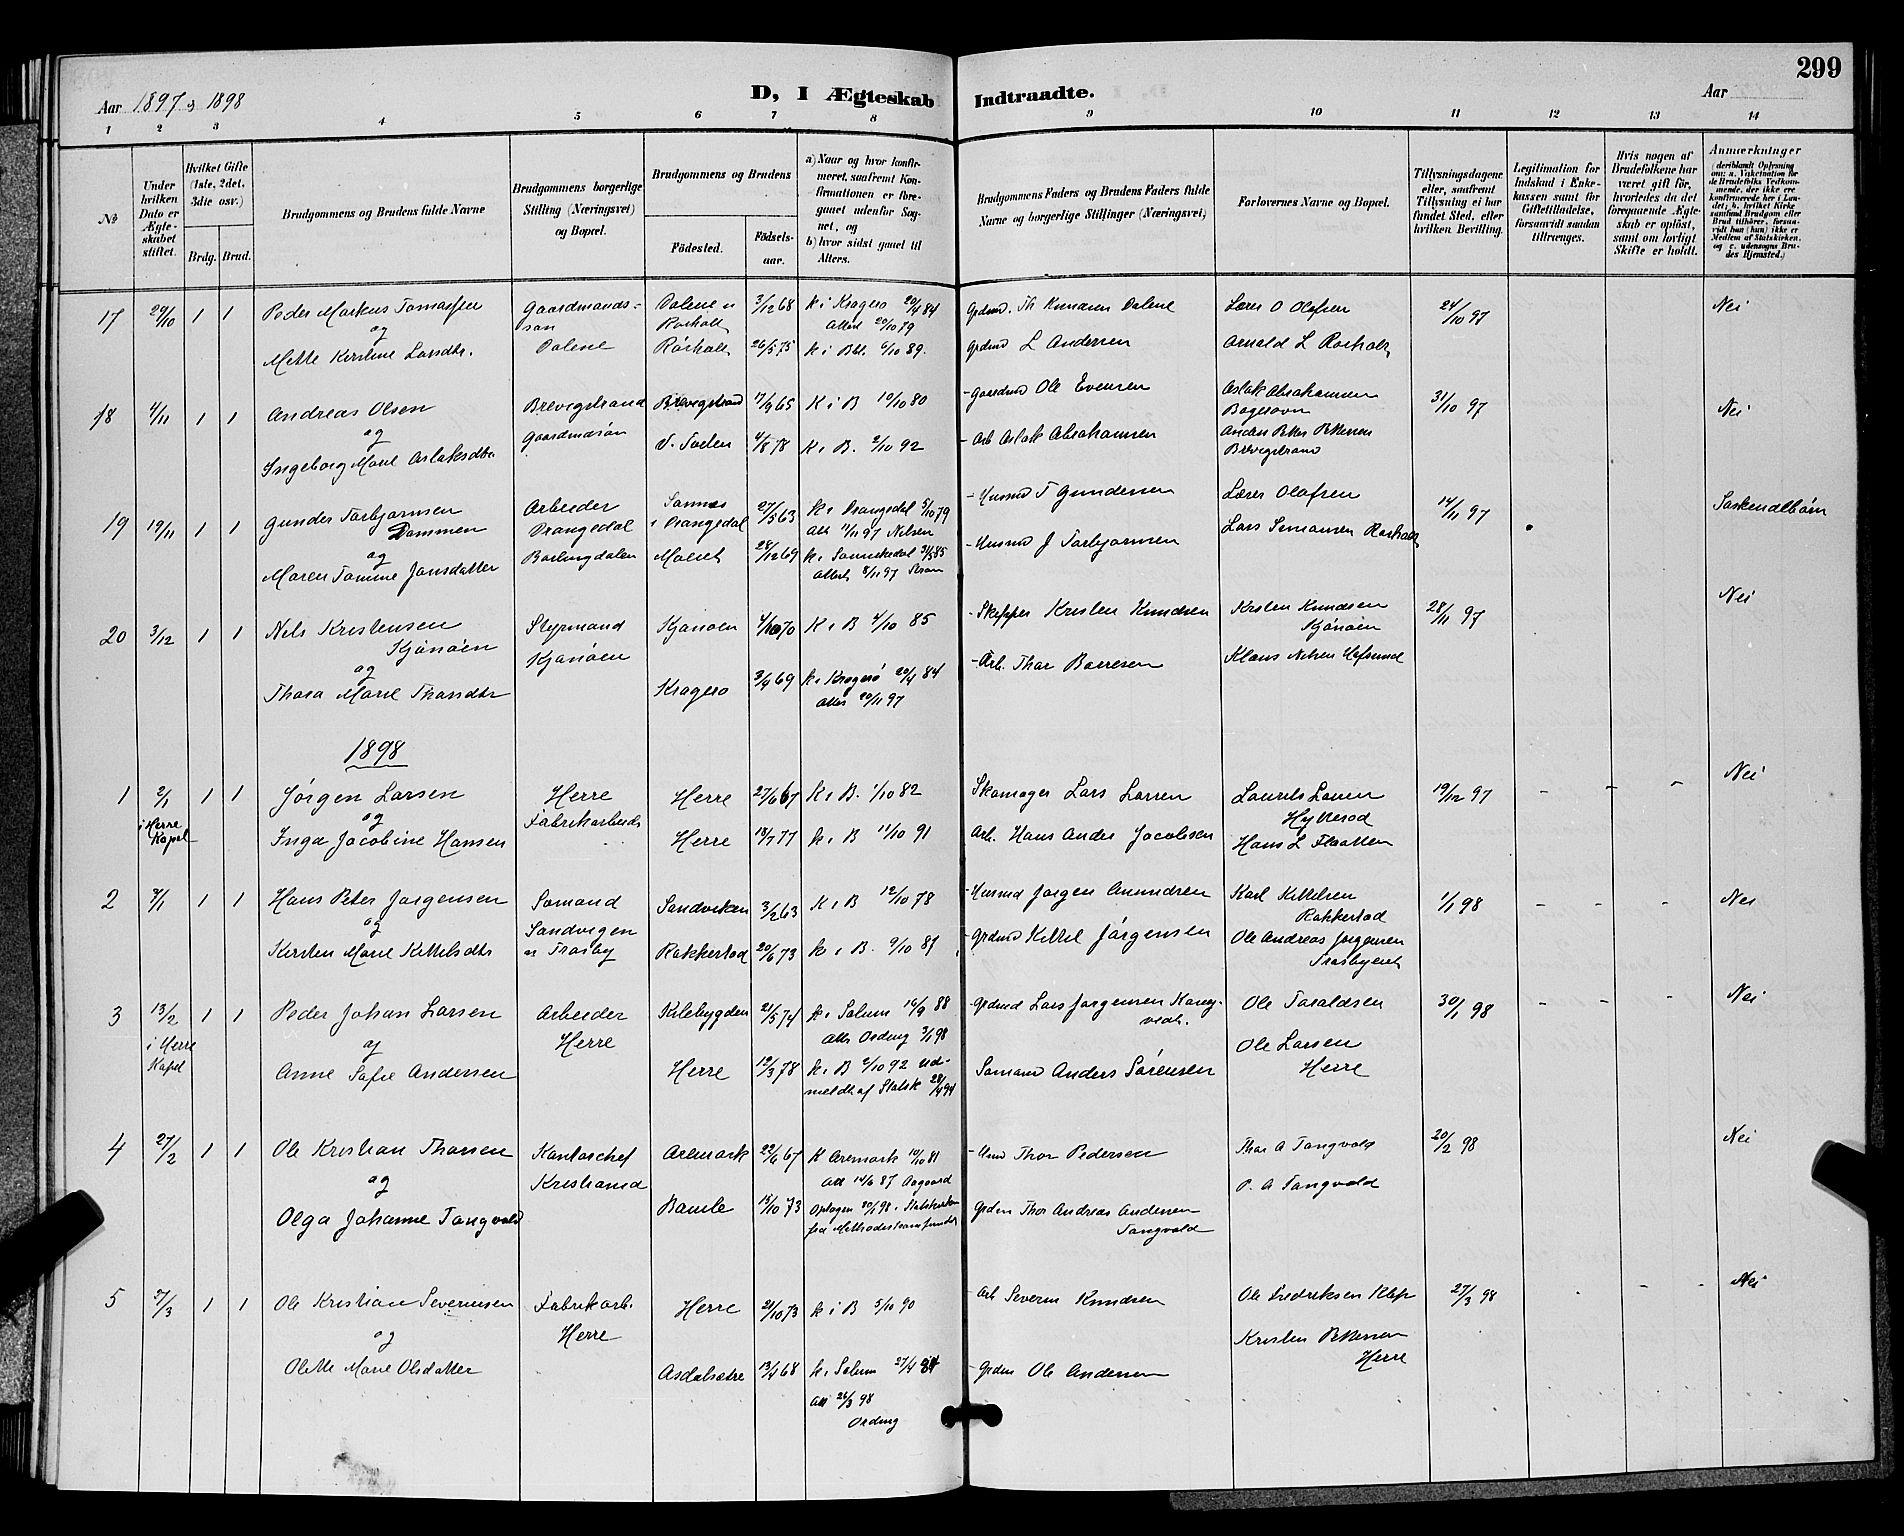 SAKO, Bamble kirkebøker, G/Ga/L0009: Klokkerbok nr. I 9, 1888-1900, s. 299